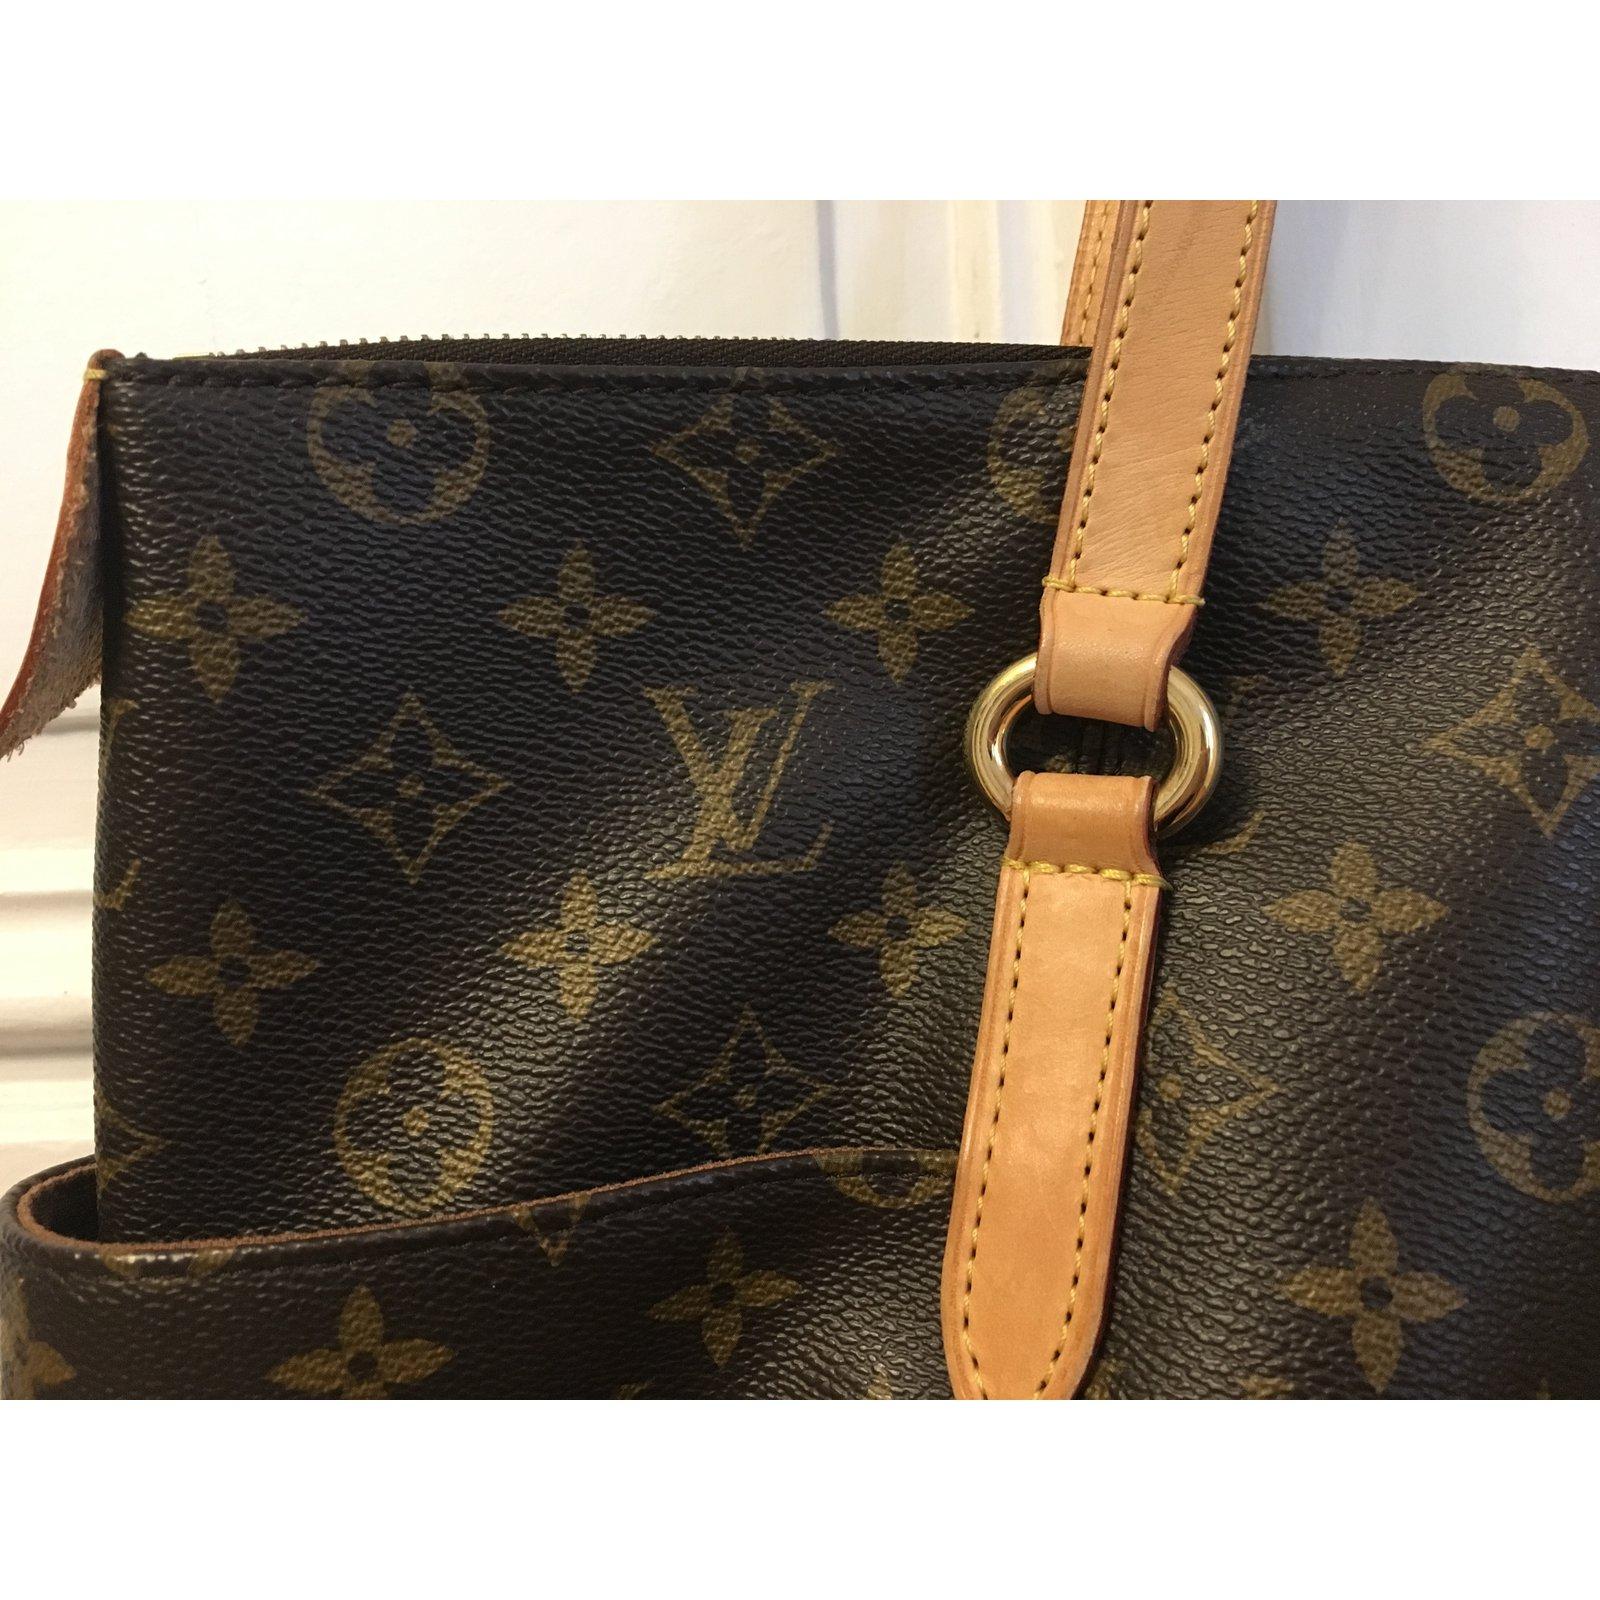 7024039ef0dd Sacs à main Louis Vuitton Totally MM Cuir